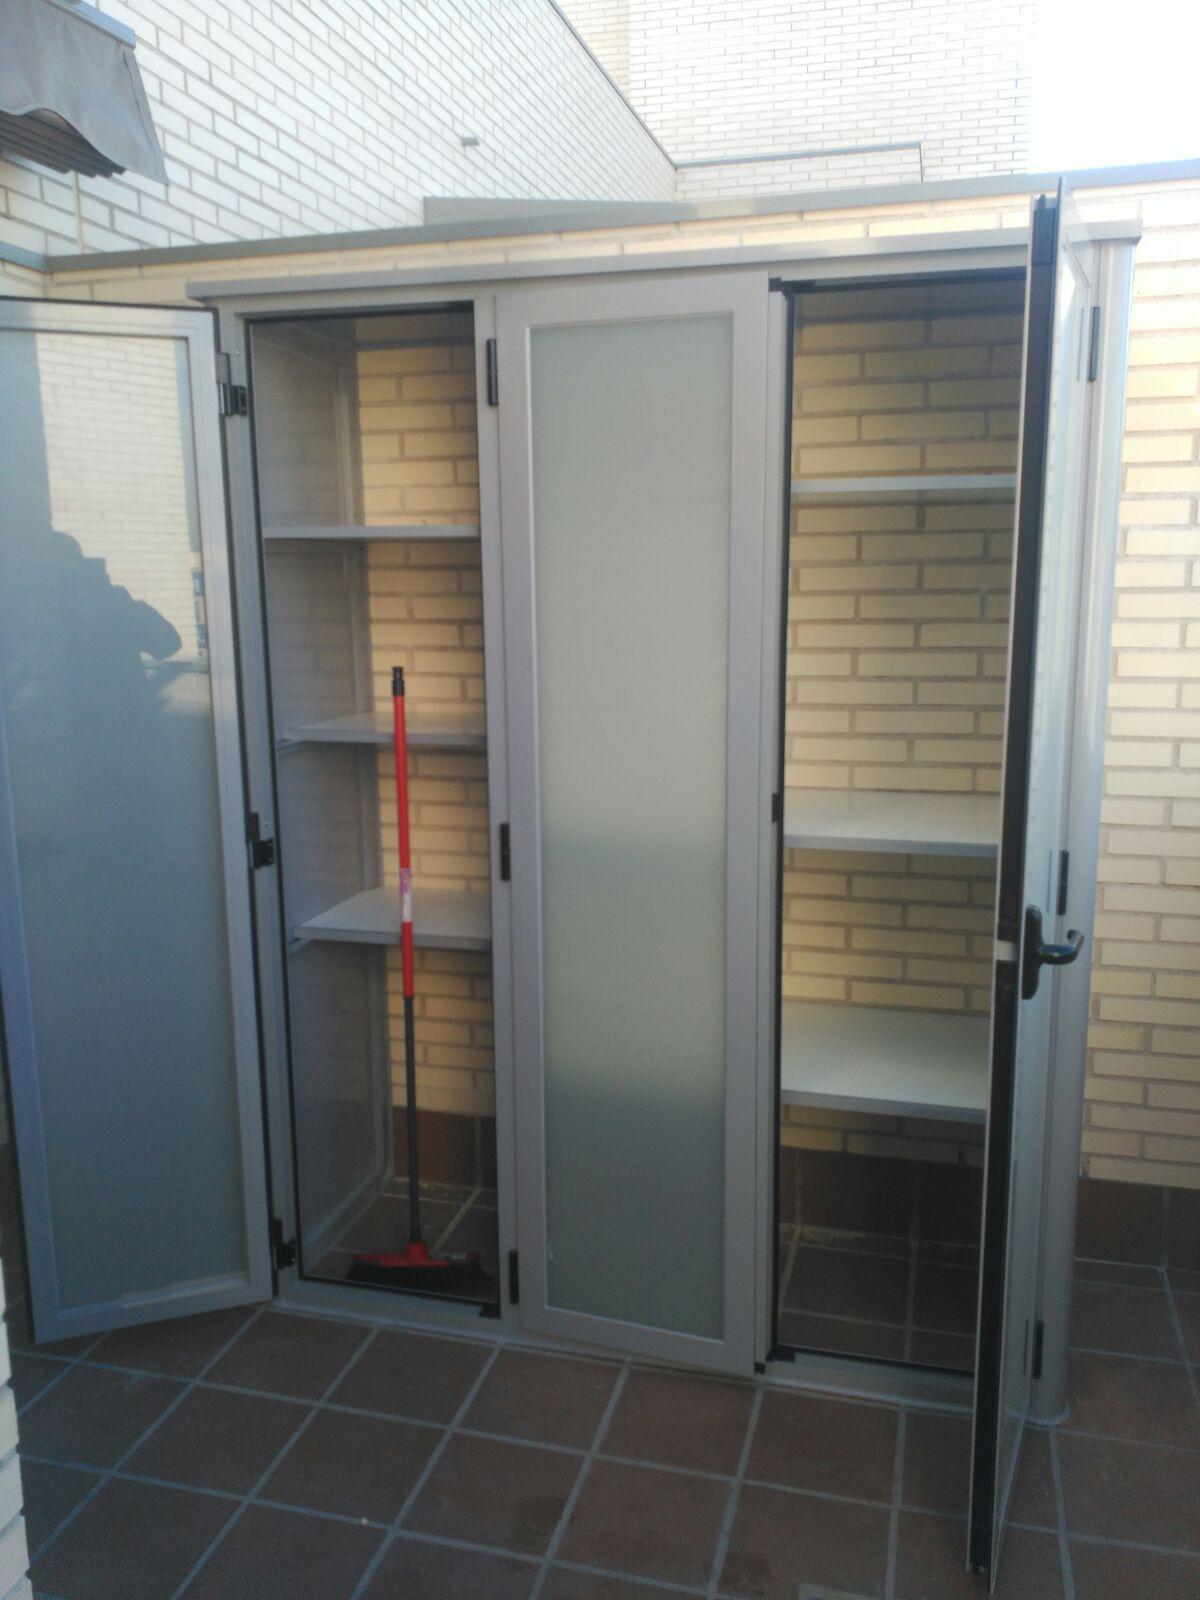 Armario para caldera exterior elegant armarios para instalados al exterior with armario para - Armario para caldera exterior ...